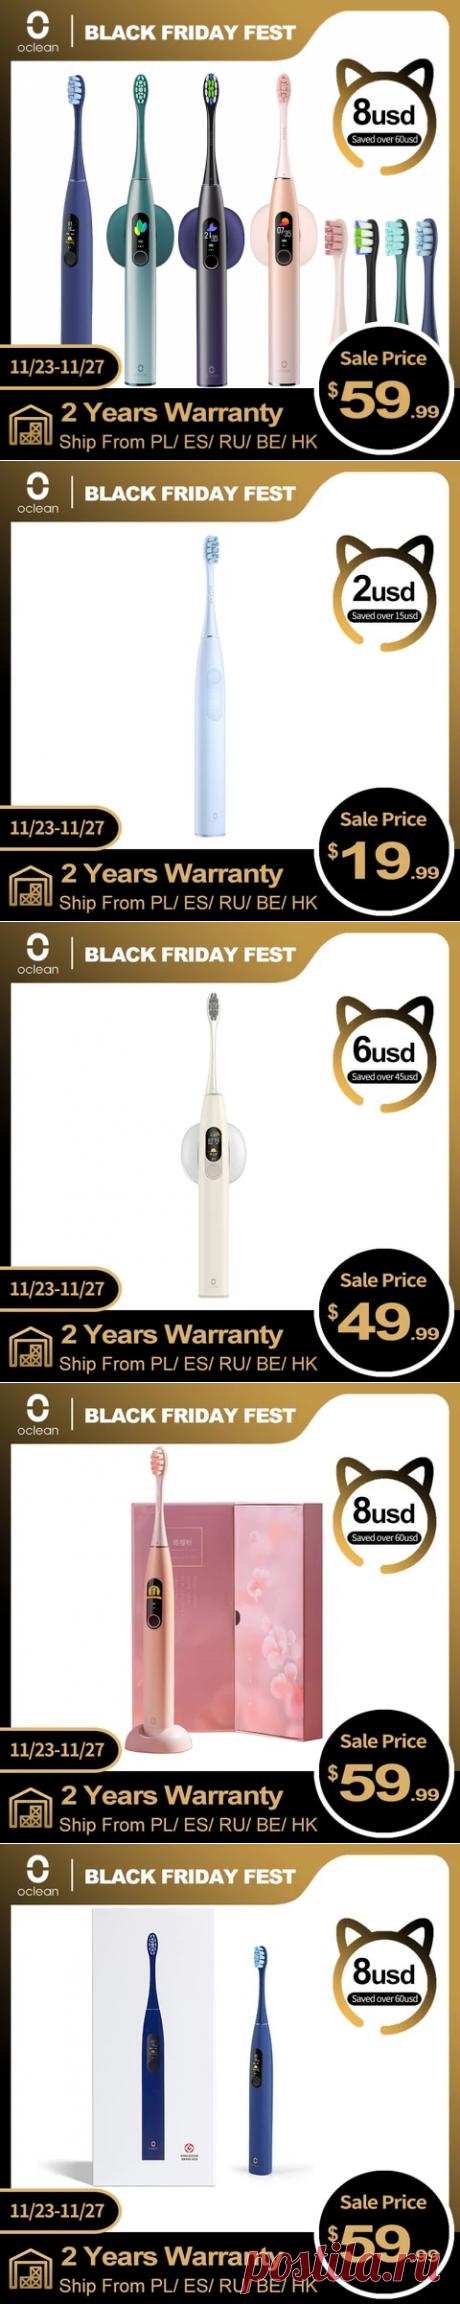 Ультразвуковая электрическая зубная щетка глобальная версия Oclean X Pro для взрослых IPX7 2 в 1, Держатель зарядного устройства, цветной сенсорный экран, зубная щетка с быстрой зарядкой | Электрические зубные щетки